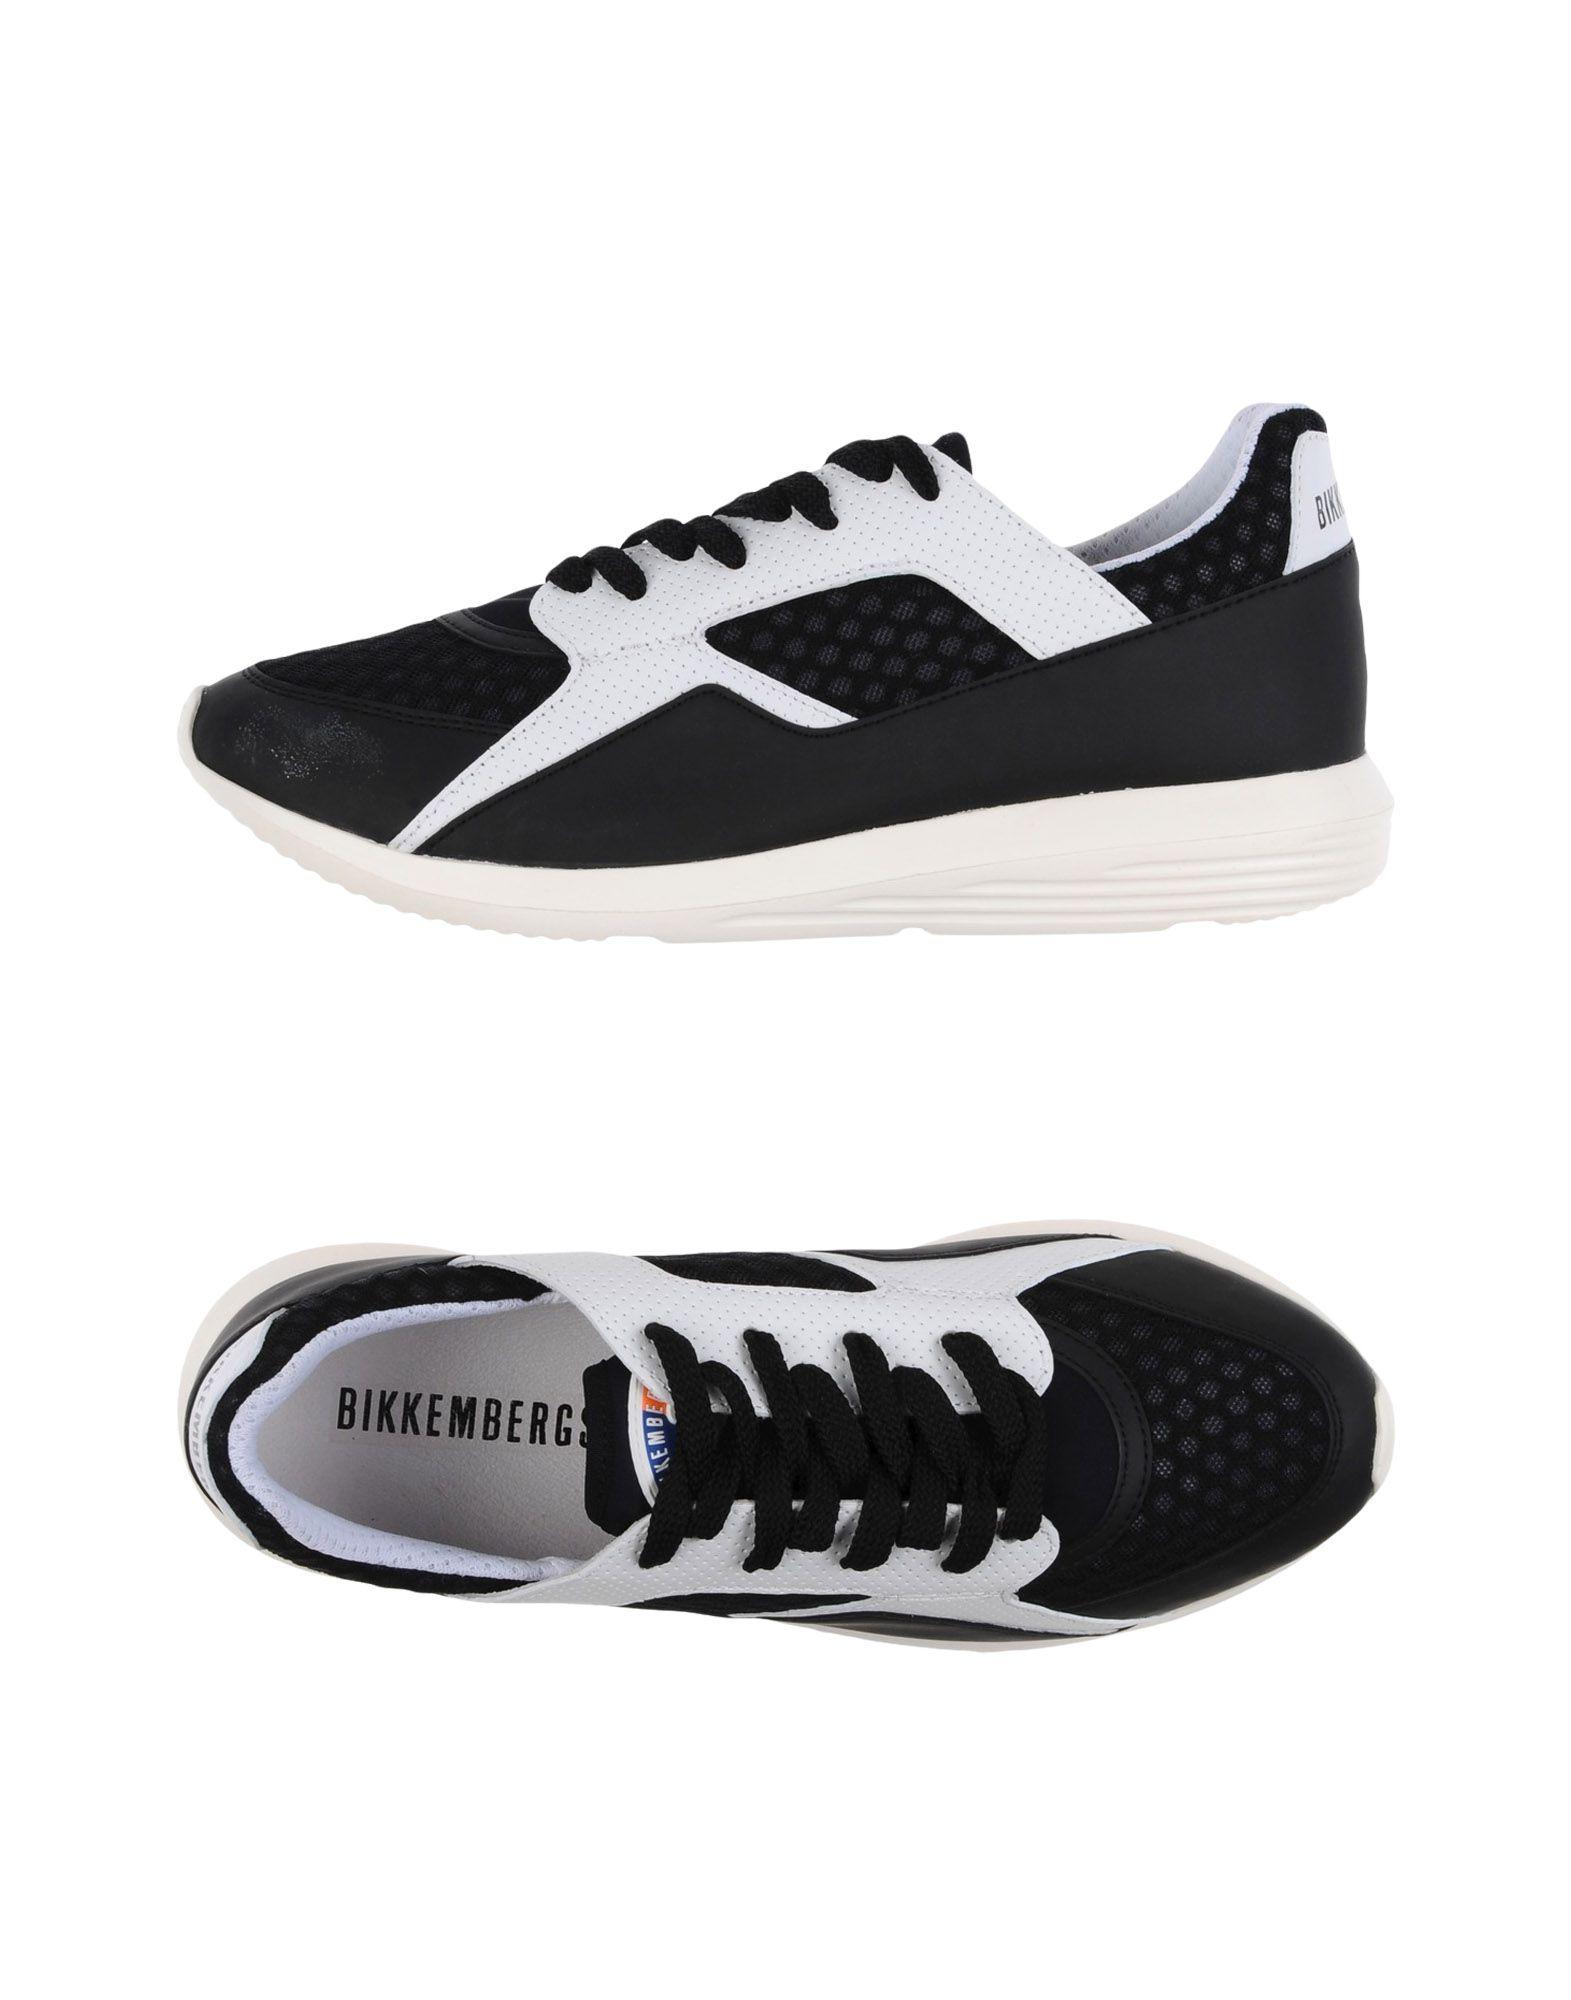 Sneakers Bikkembergs Uomo - 11283955NJ Scarpe economiche e buone